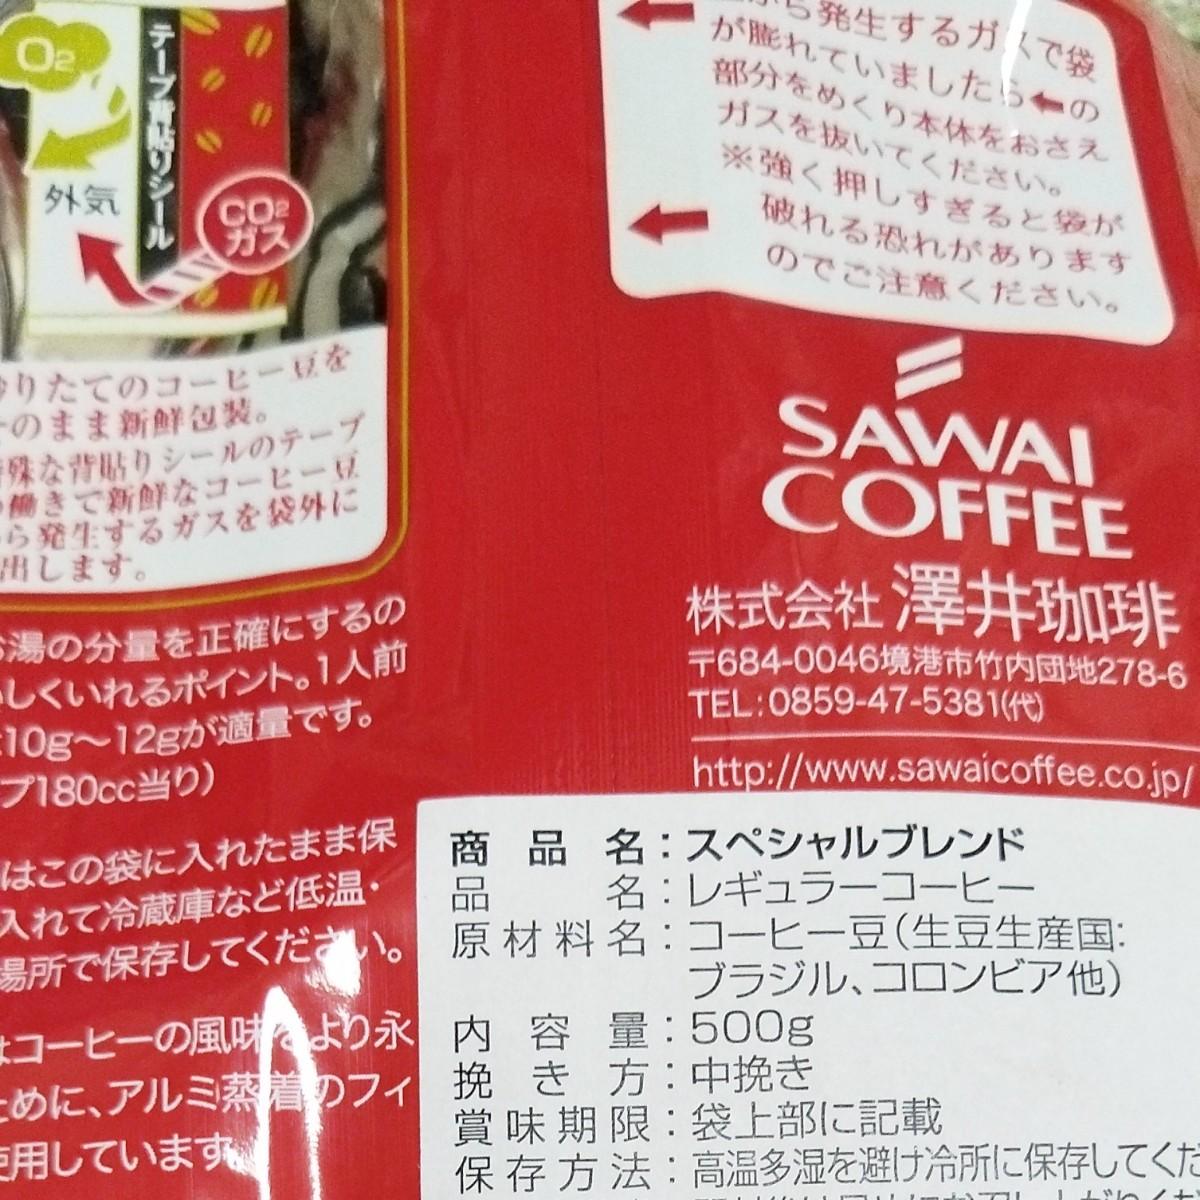 早い者勝ち!澤井珈琲 コーヒー豆 ドリップコーヒー 2種類 澤井珈琲 コーヒー豆  カルディ 珈琲豆 ドリップコーヒー